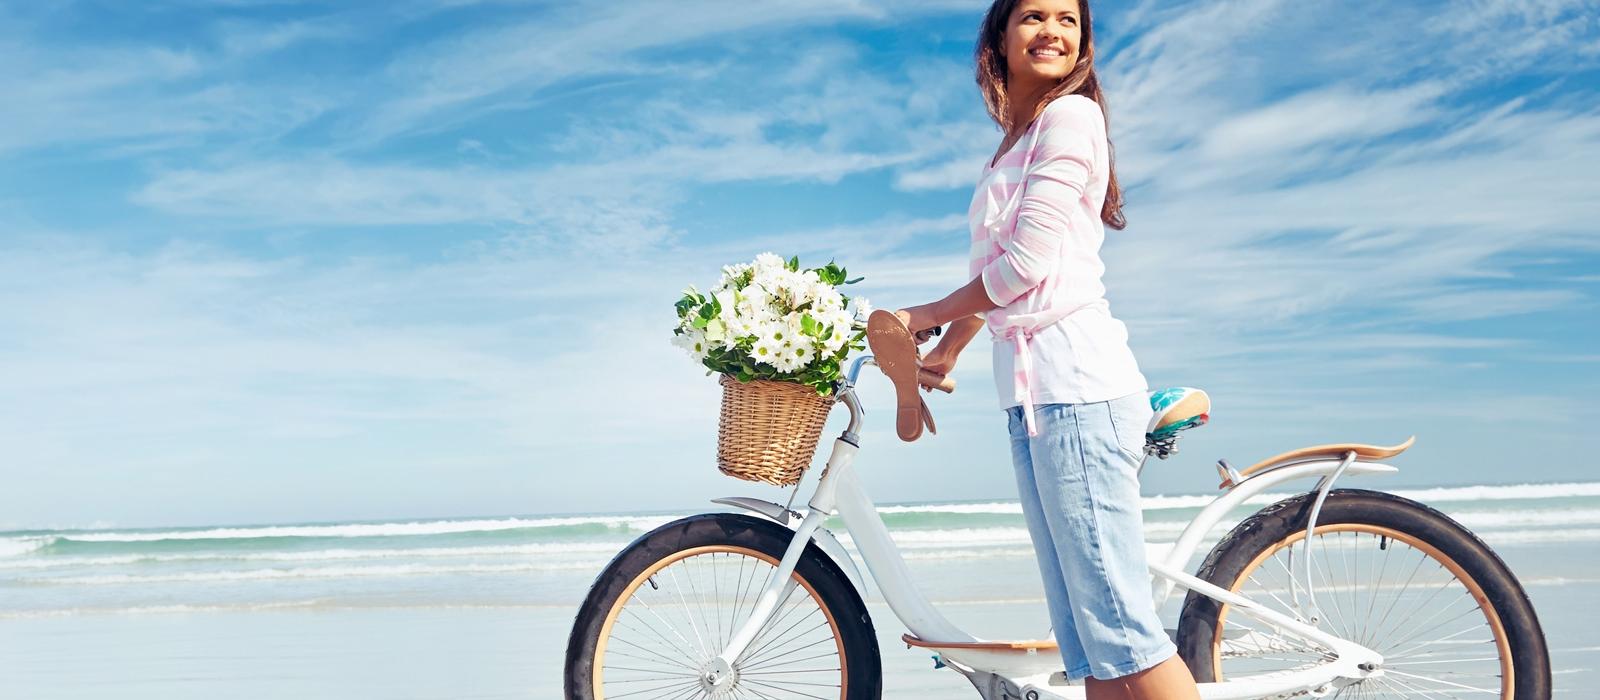 Services Aleysa Hôtel Boutique & Spa - Vincci Hoteles-Service de vélos gratuit